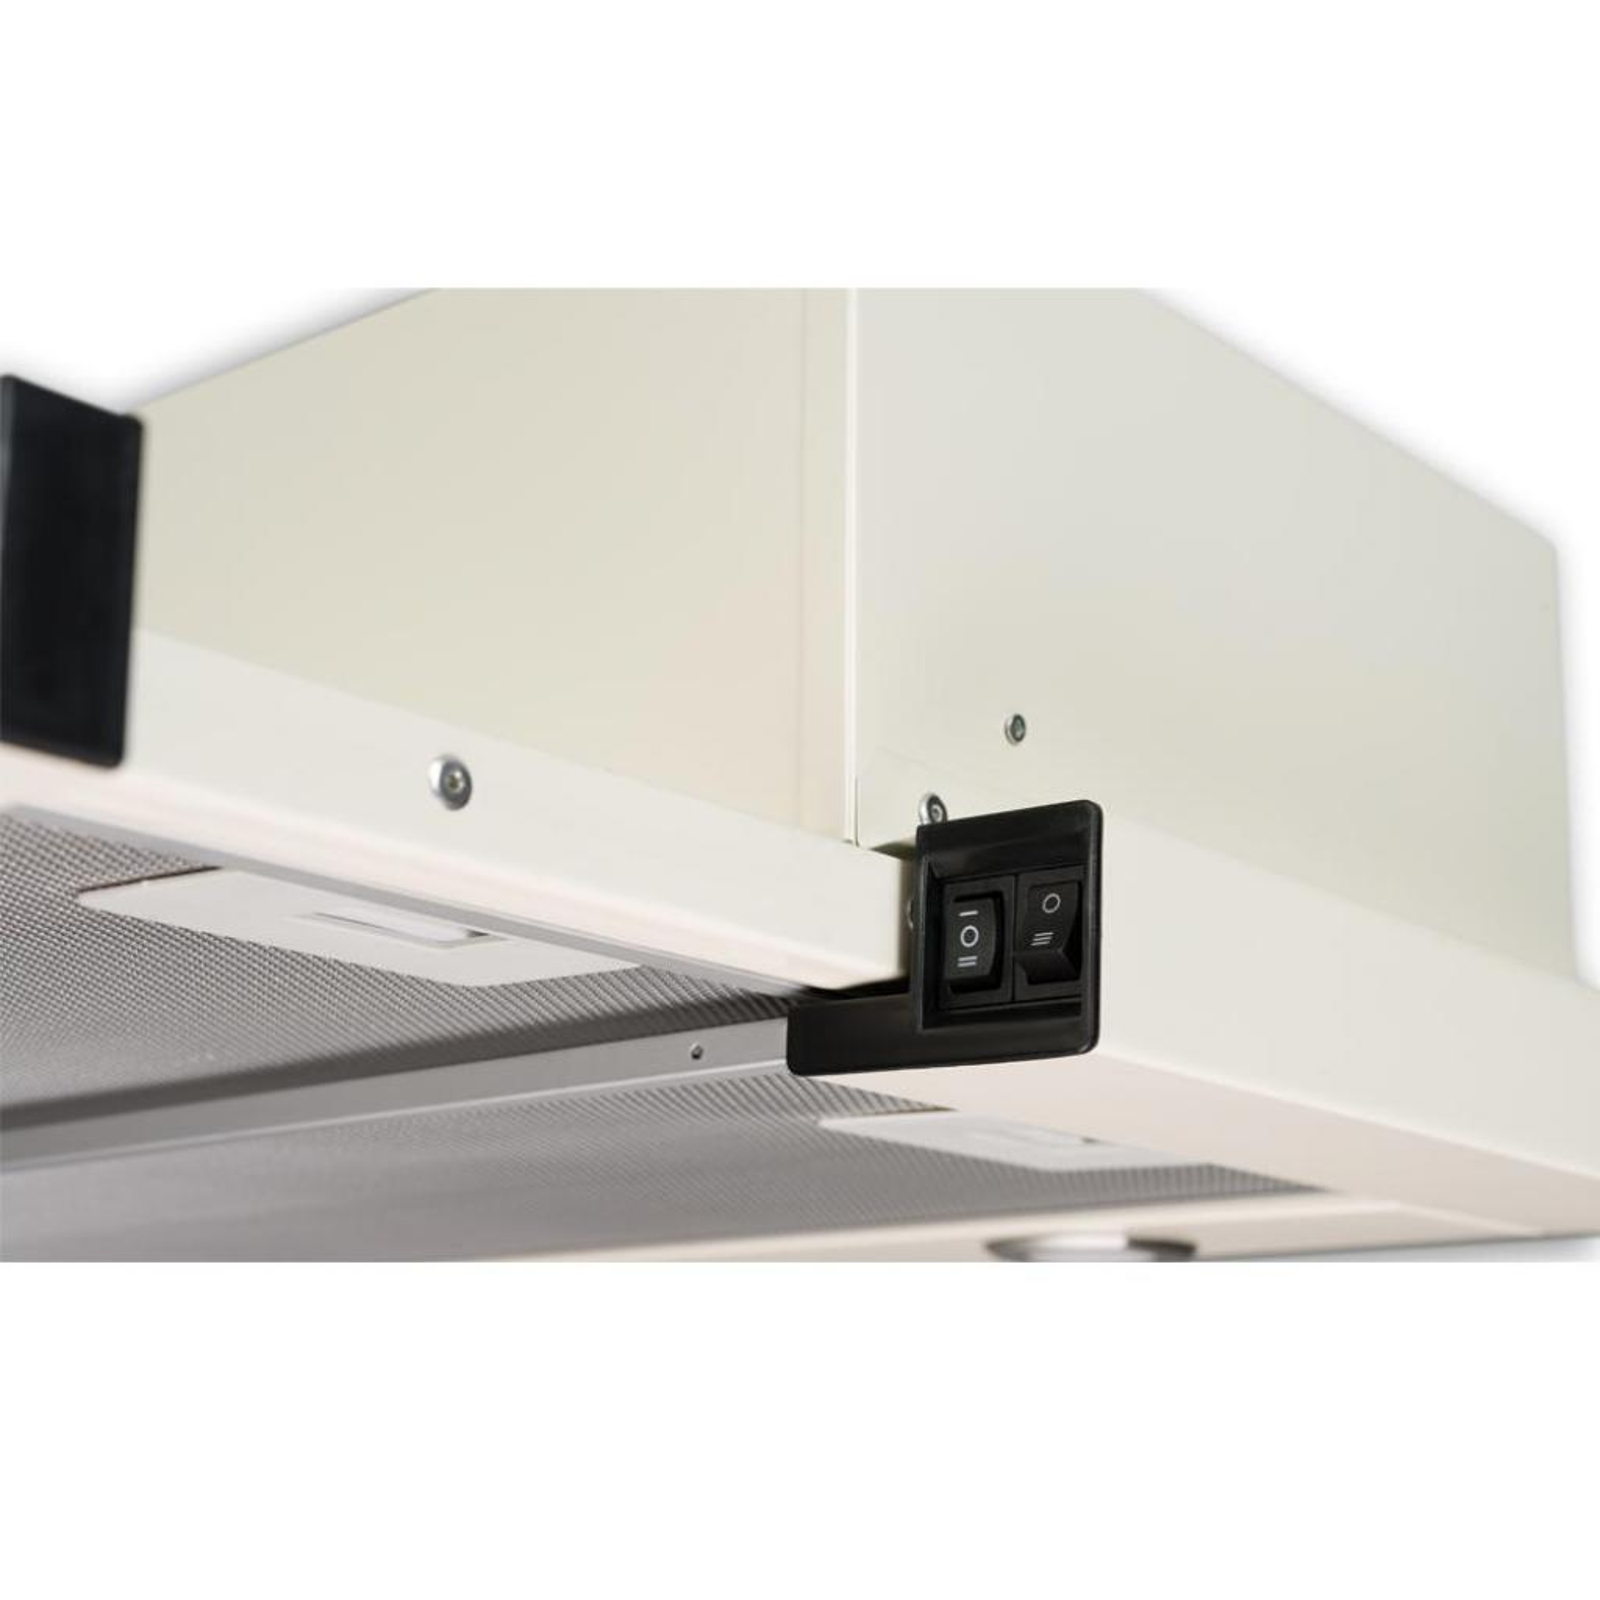 Вытяжка кухонная MINOLA HTL 6112 WH 650 LED изображение 6